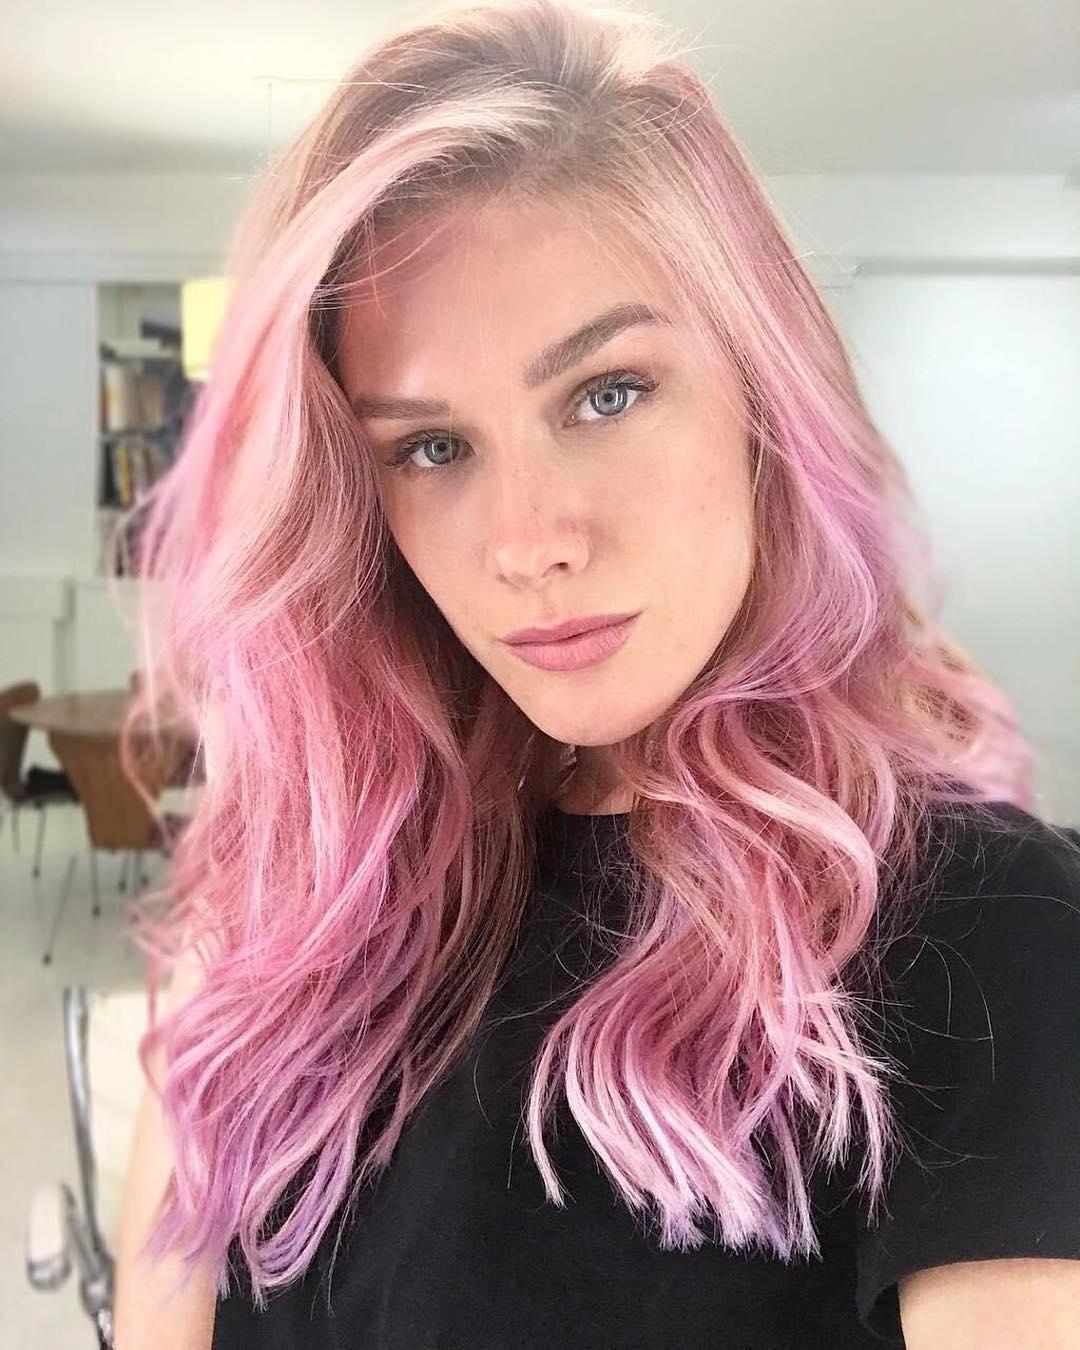 Fiorella querida e musa ficou um escândalo com esse cabelo pink!!! Ela pintou para viver Mika, personagem da nova série Rua Augusta do TNT. Fiooo amei demais